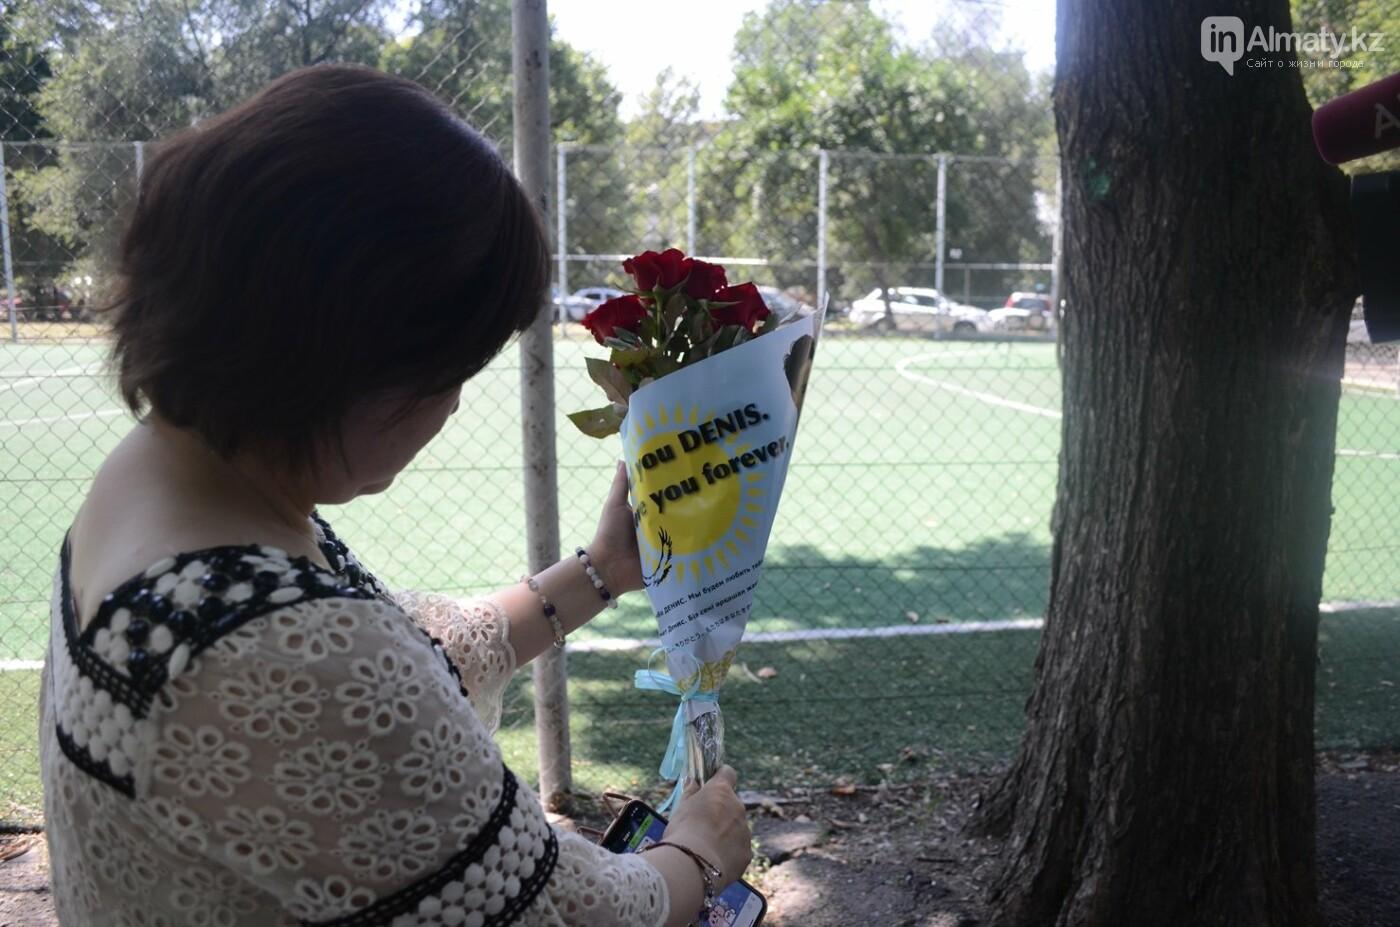 Алматинцы приносят цветы к памятнику Дениса Тена (фото), фото-8